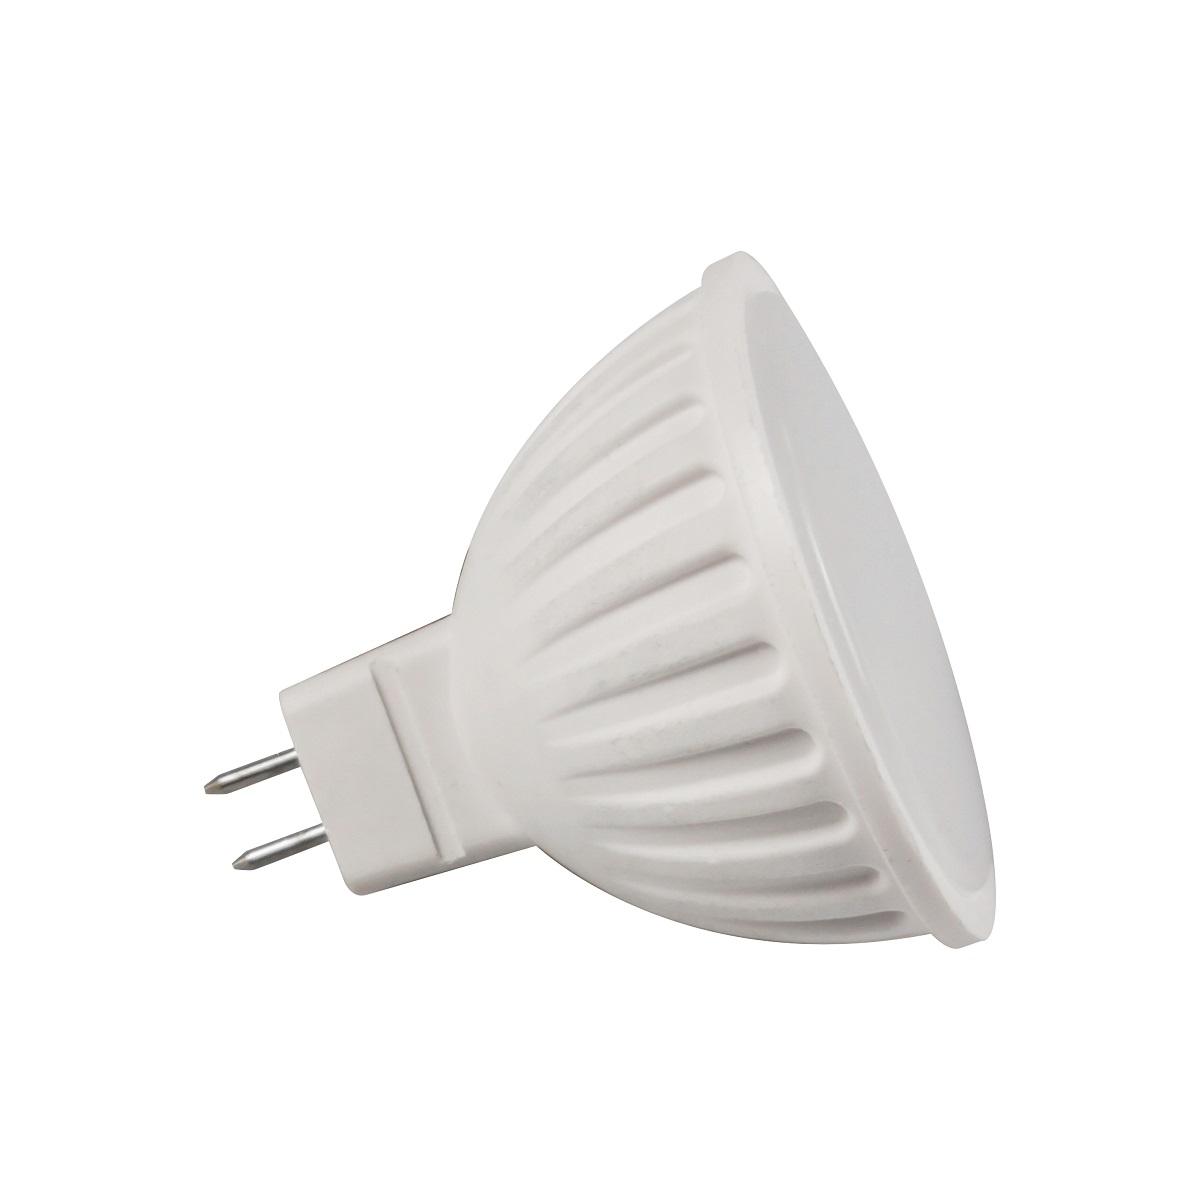 Лампа светодиодная Lieberg, теплый свет, цоколь GU5.3, 5WTL-100C-Q1Светодиодная лампа (рефлектор) LIEBERG мощностью 5Вт - это инновационный и экологичный источник света, позволяющий сэкономить до 90% на электроэнергии. Лампа не пульсирует, ресурс составляет 40 000 часов работы. Угол свечения 120°. Эффективный драйвер обеспечивает стабильную работу при резких перепадах входного напряжения (175 -265В). Область применения: общее, локальное и аварийное освещение.